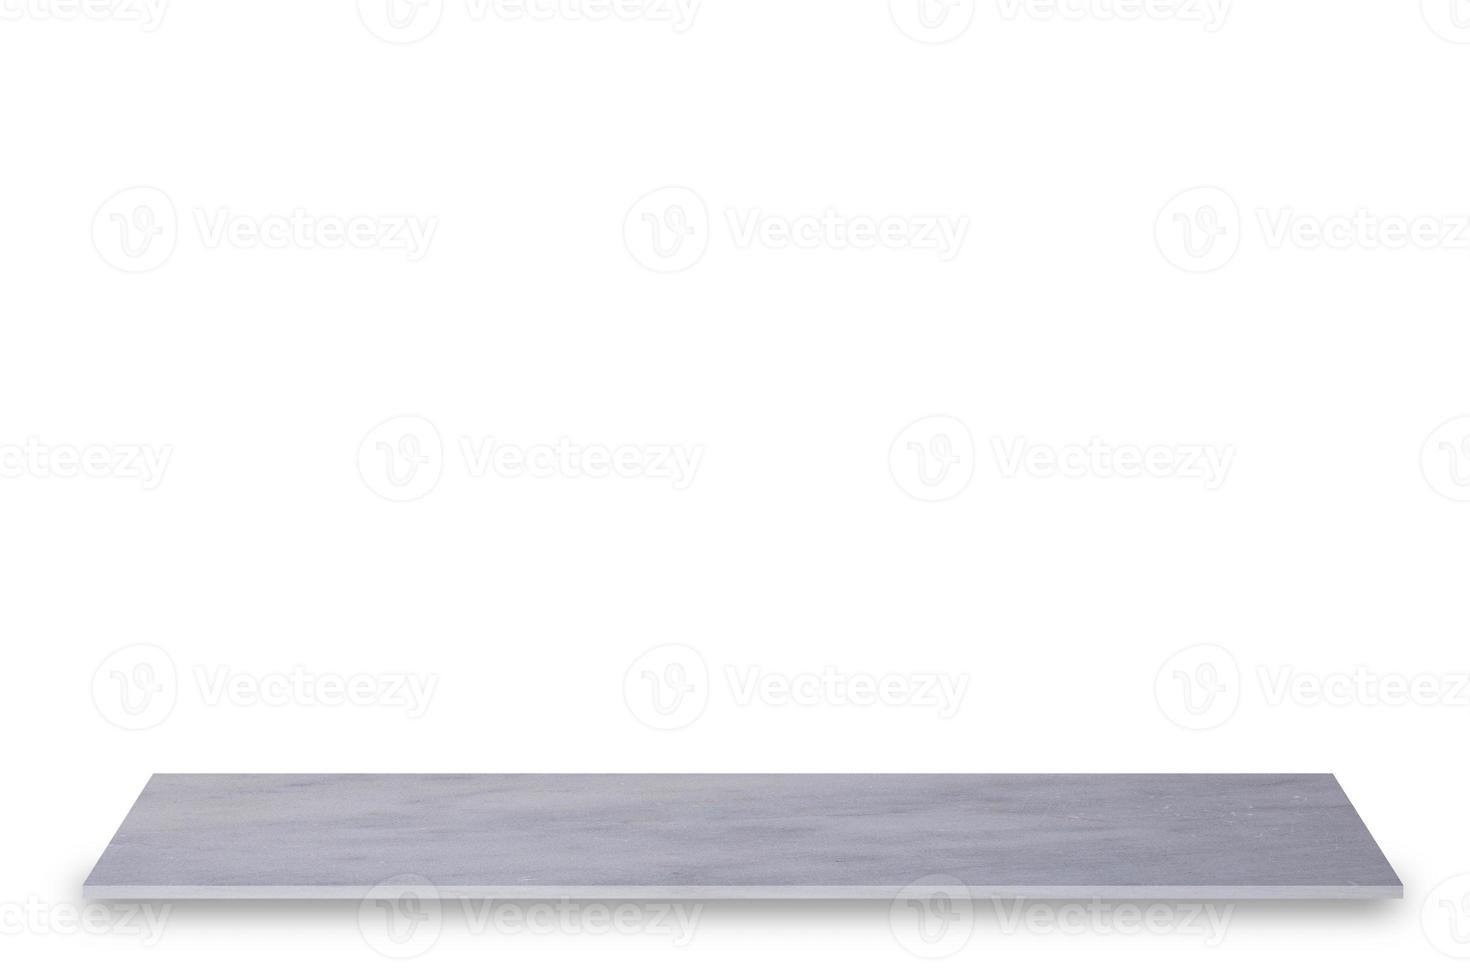 Estante de mármol blanco sobre fondo blanco. foto